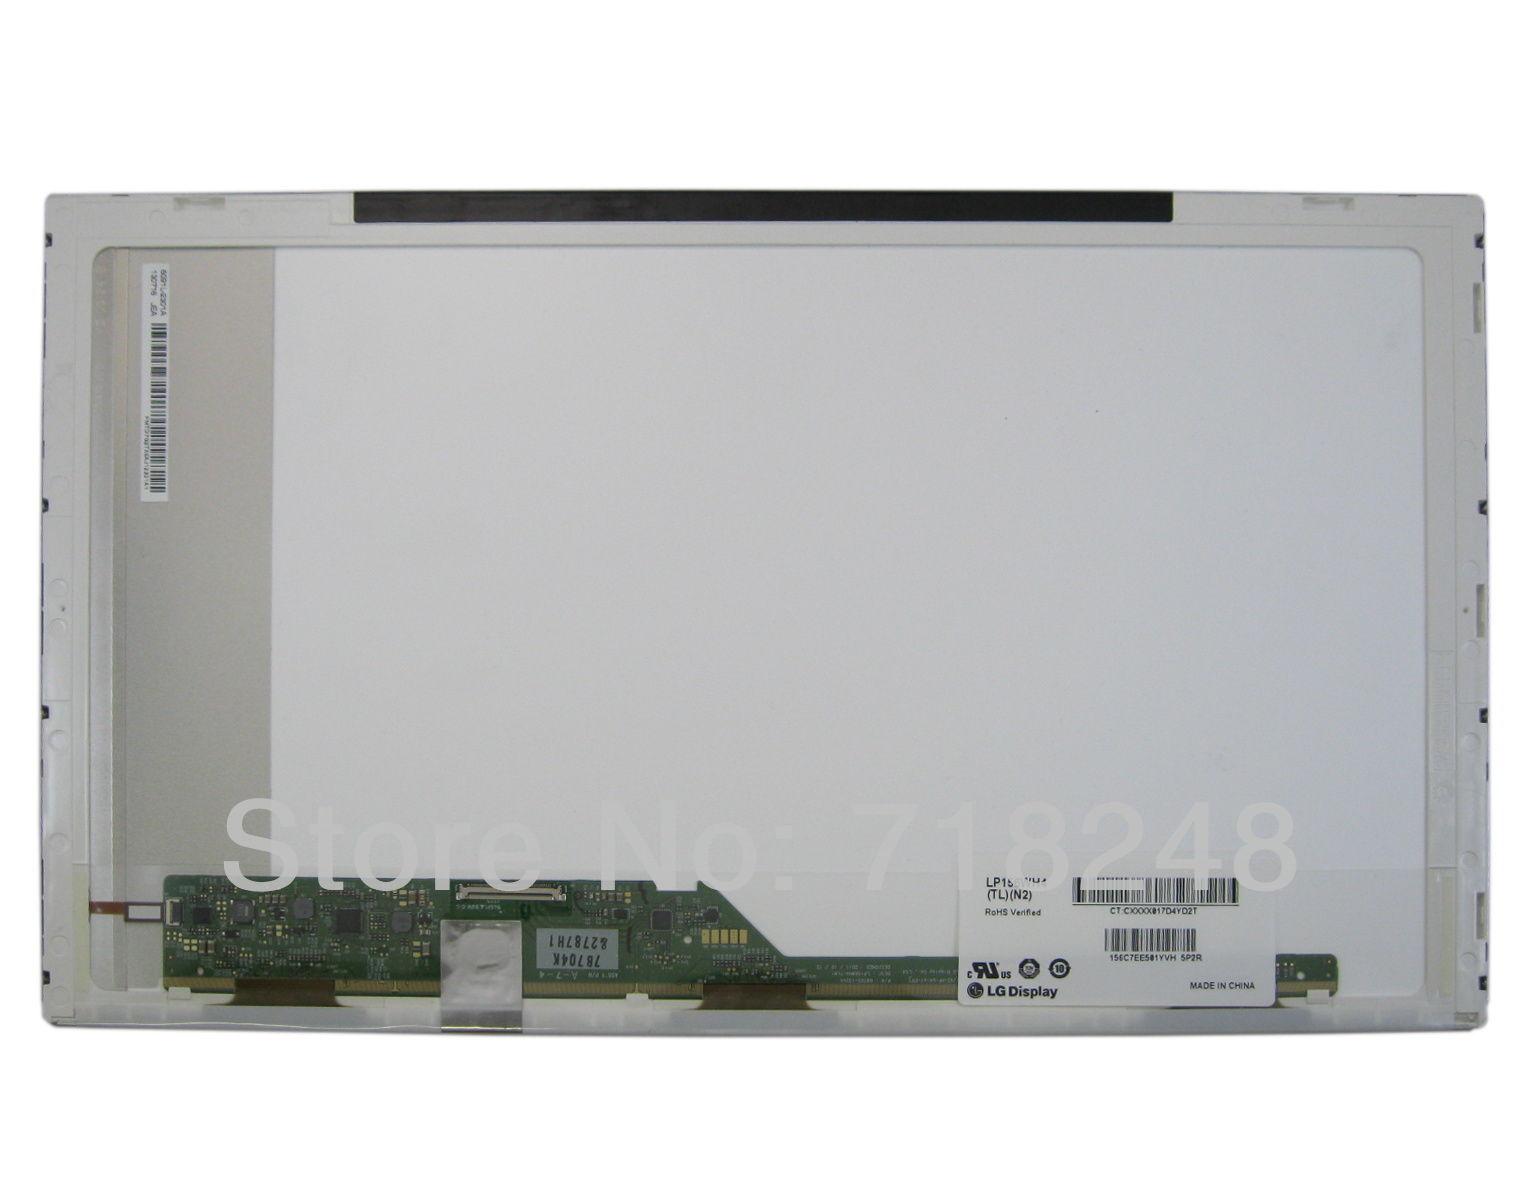 Бесплатная Доставка ЖК-Экран ноутбука СВЕТОДИОДНЫЙ дисплей LTN156AT05 LTN156AT05-307 LP156WH4 15 6 жк-экран